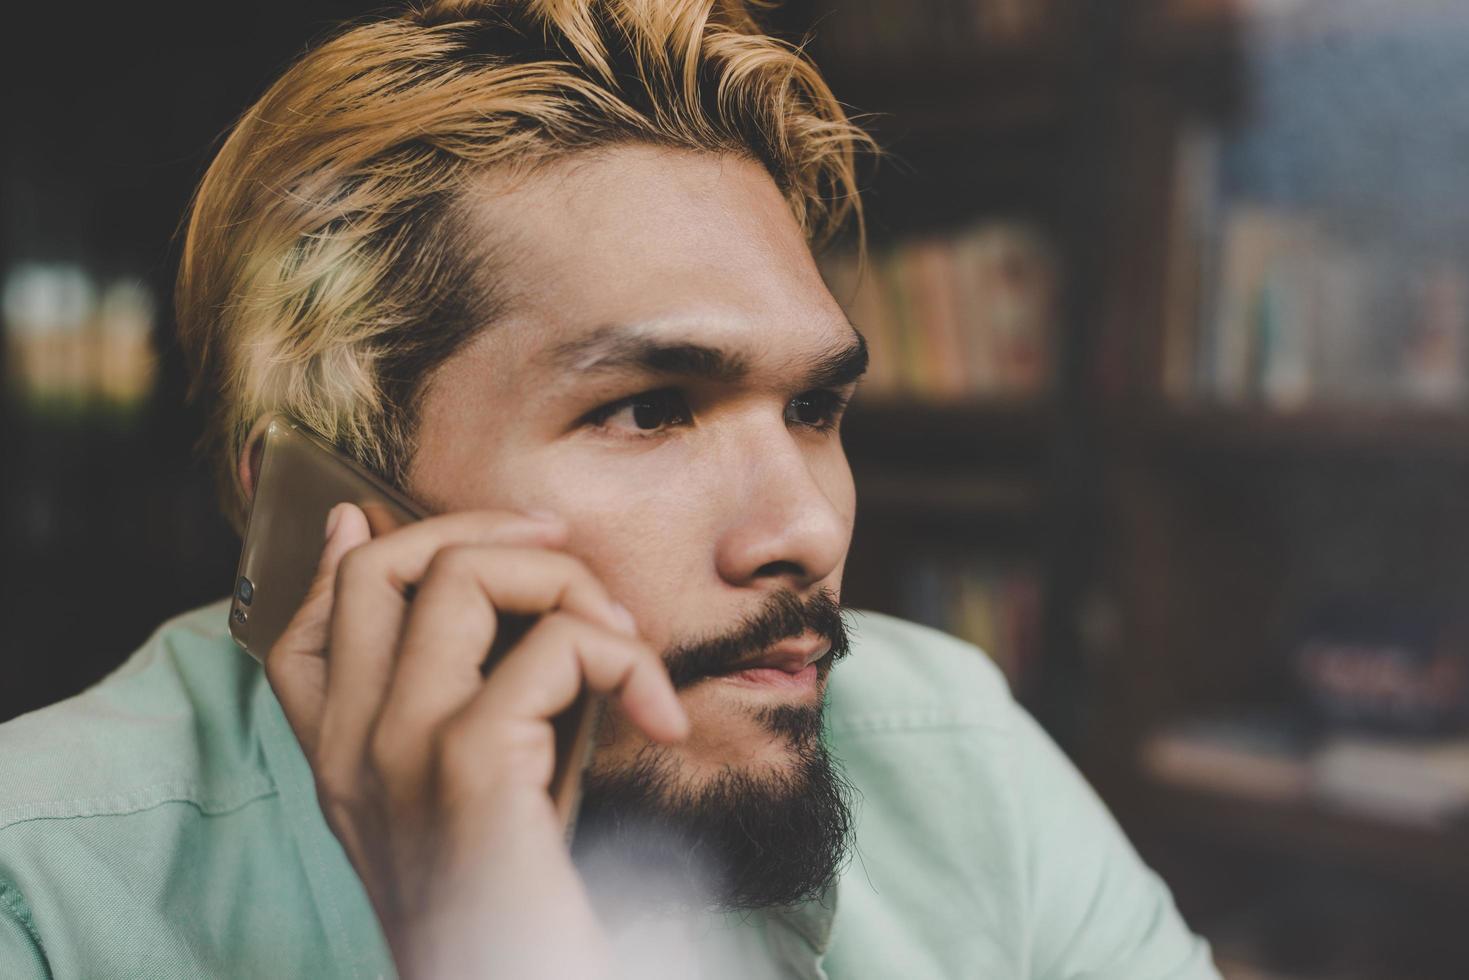 homme d & # 39; affaires hipster parler sur smartphone au café bar photo